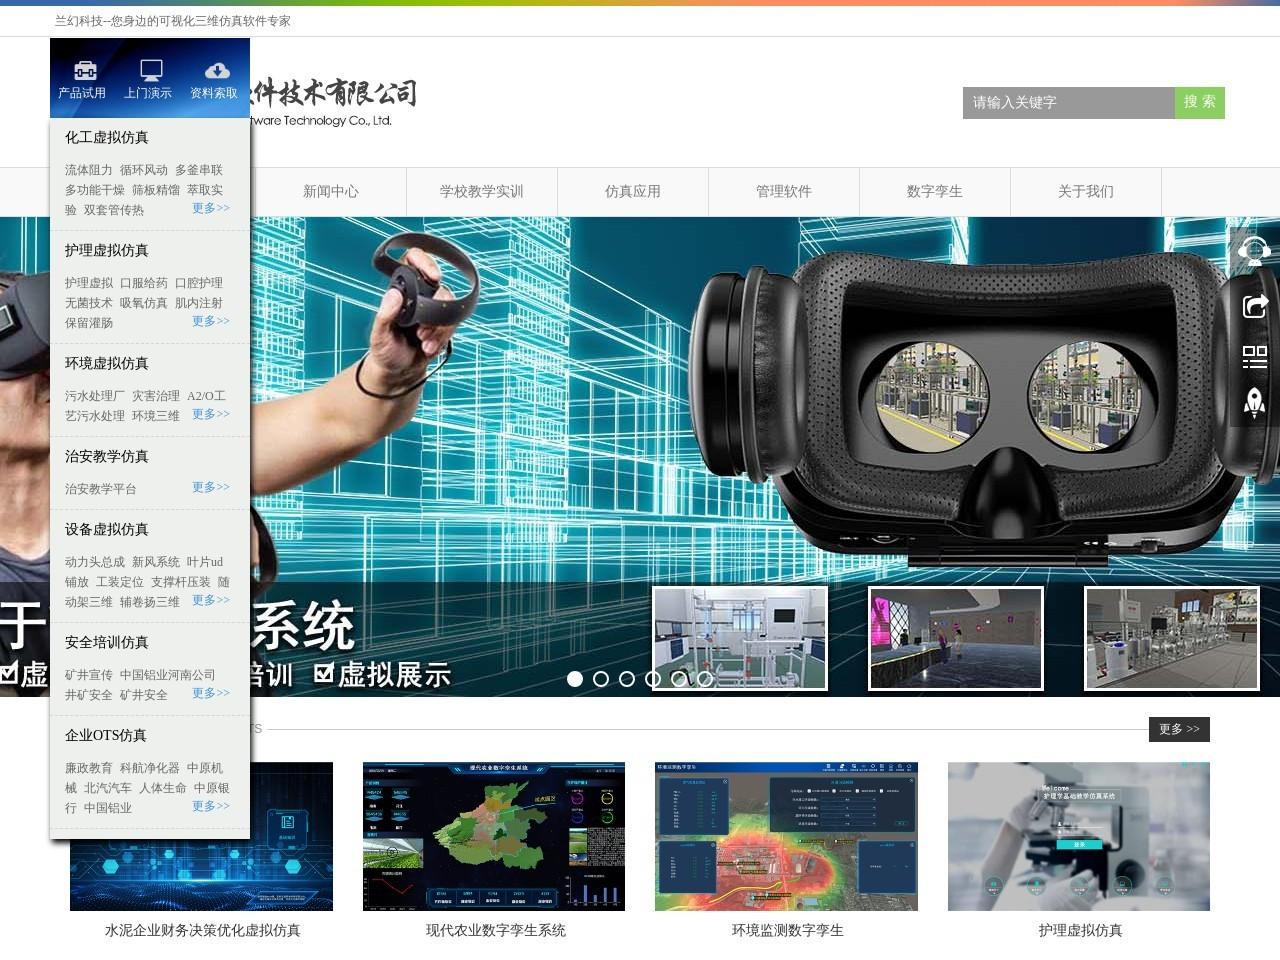 河南兰幻软件技术有限公司